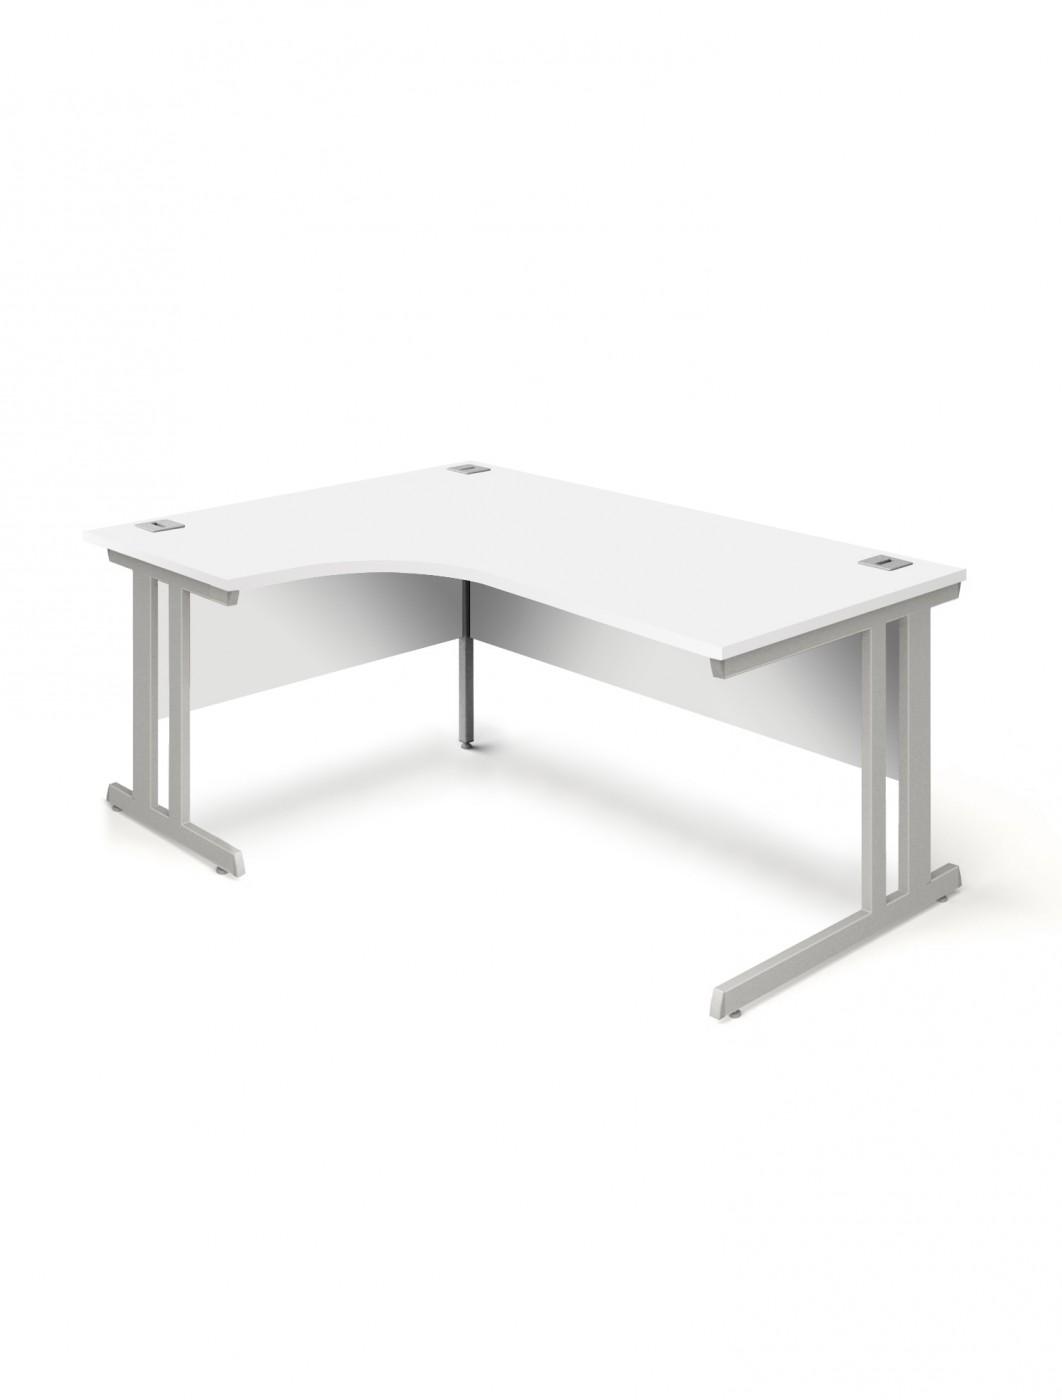 white ergonomic office chair uk design drawing desk 1600mm aspire ergo et ed 1600 rl wh